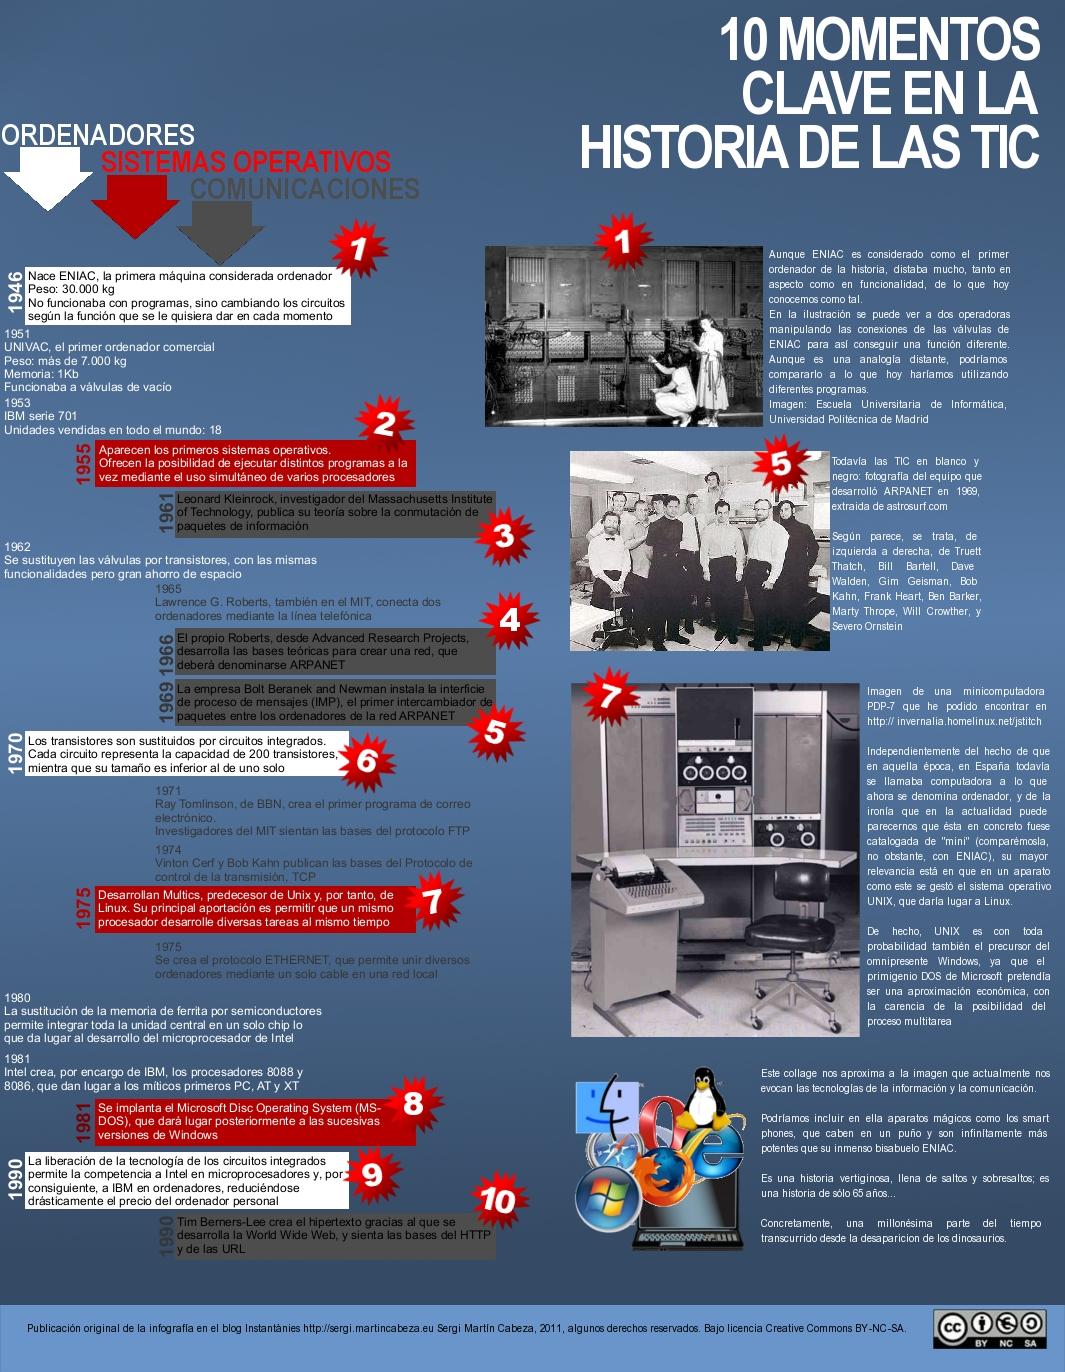 Los 10 momentos clave en la historia de las TIC (Infografia)